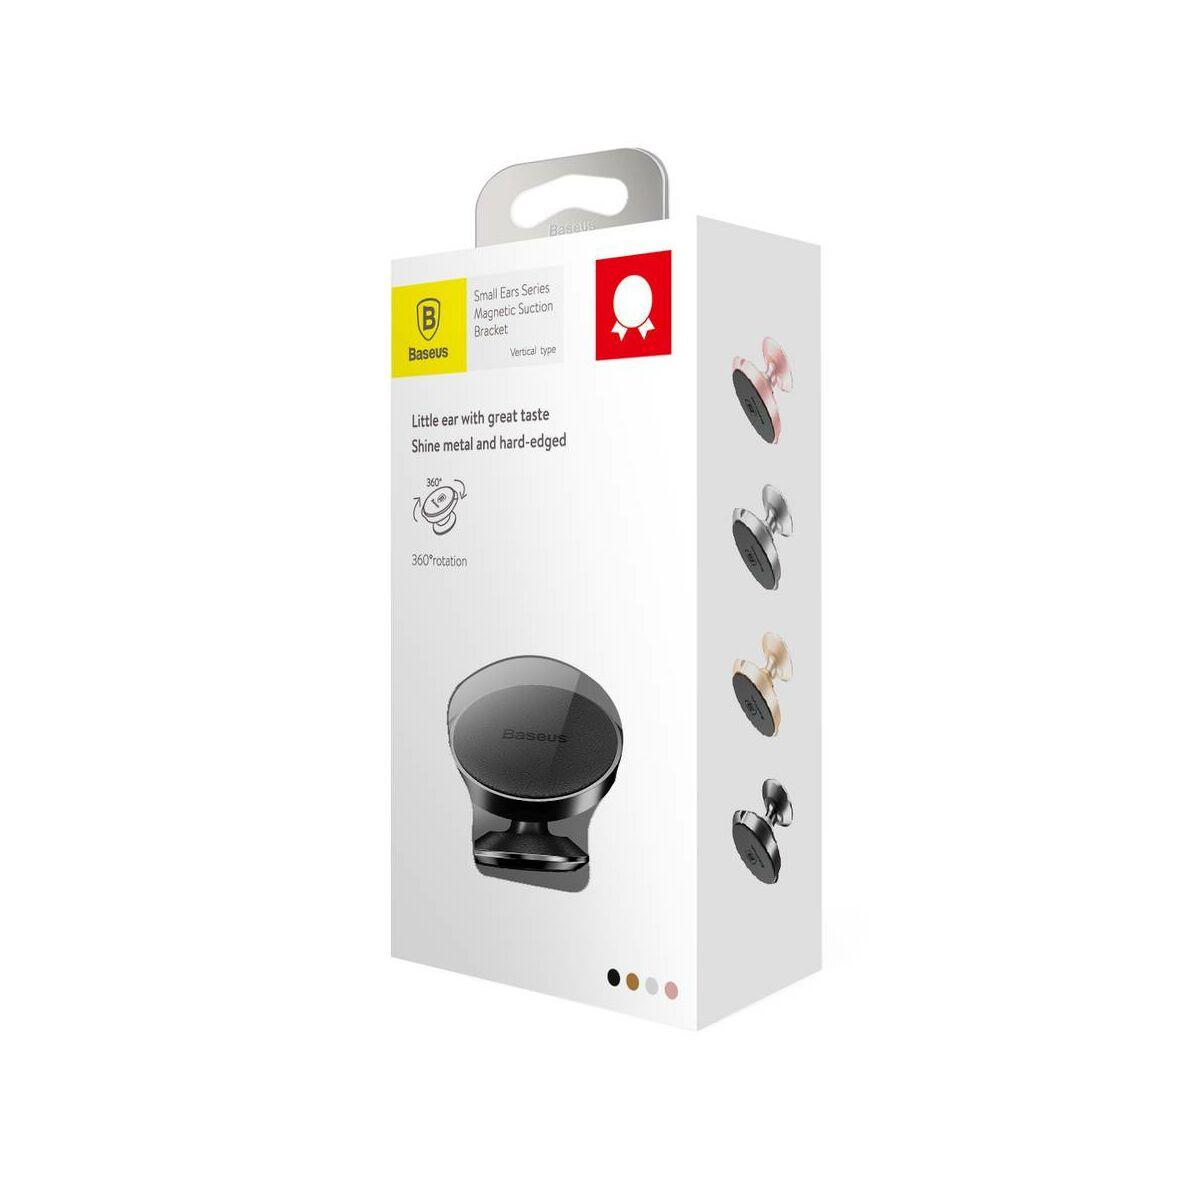 Baseus autós telefontartó, Small Ears Series mágneses, műszerfalra, bőr felület, fekete (SUER-F01)